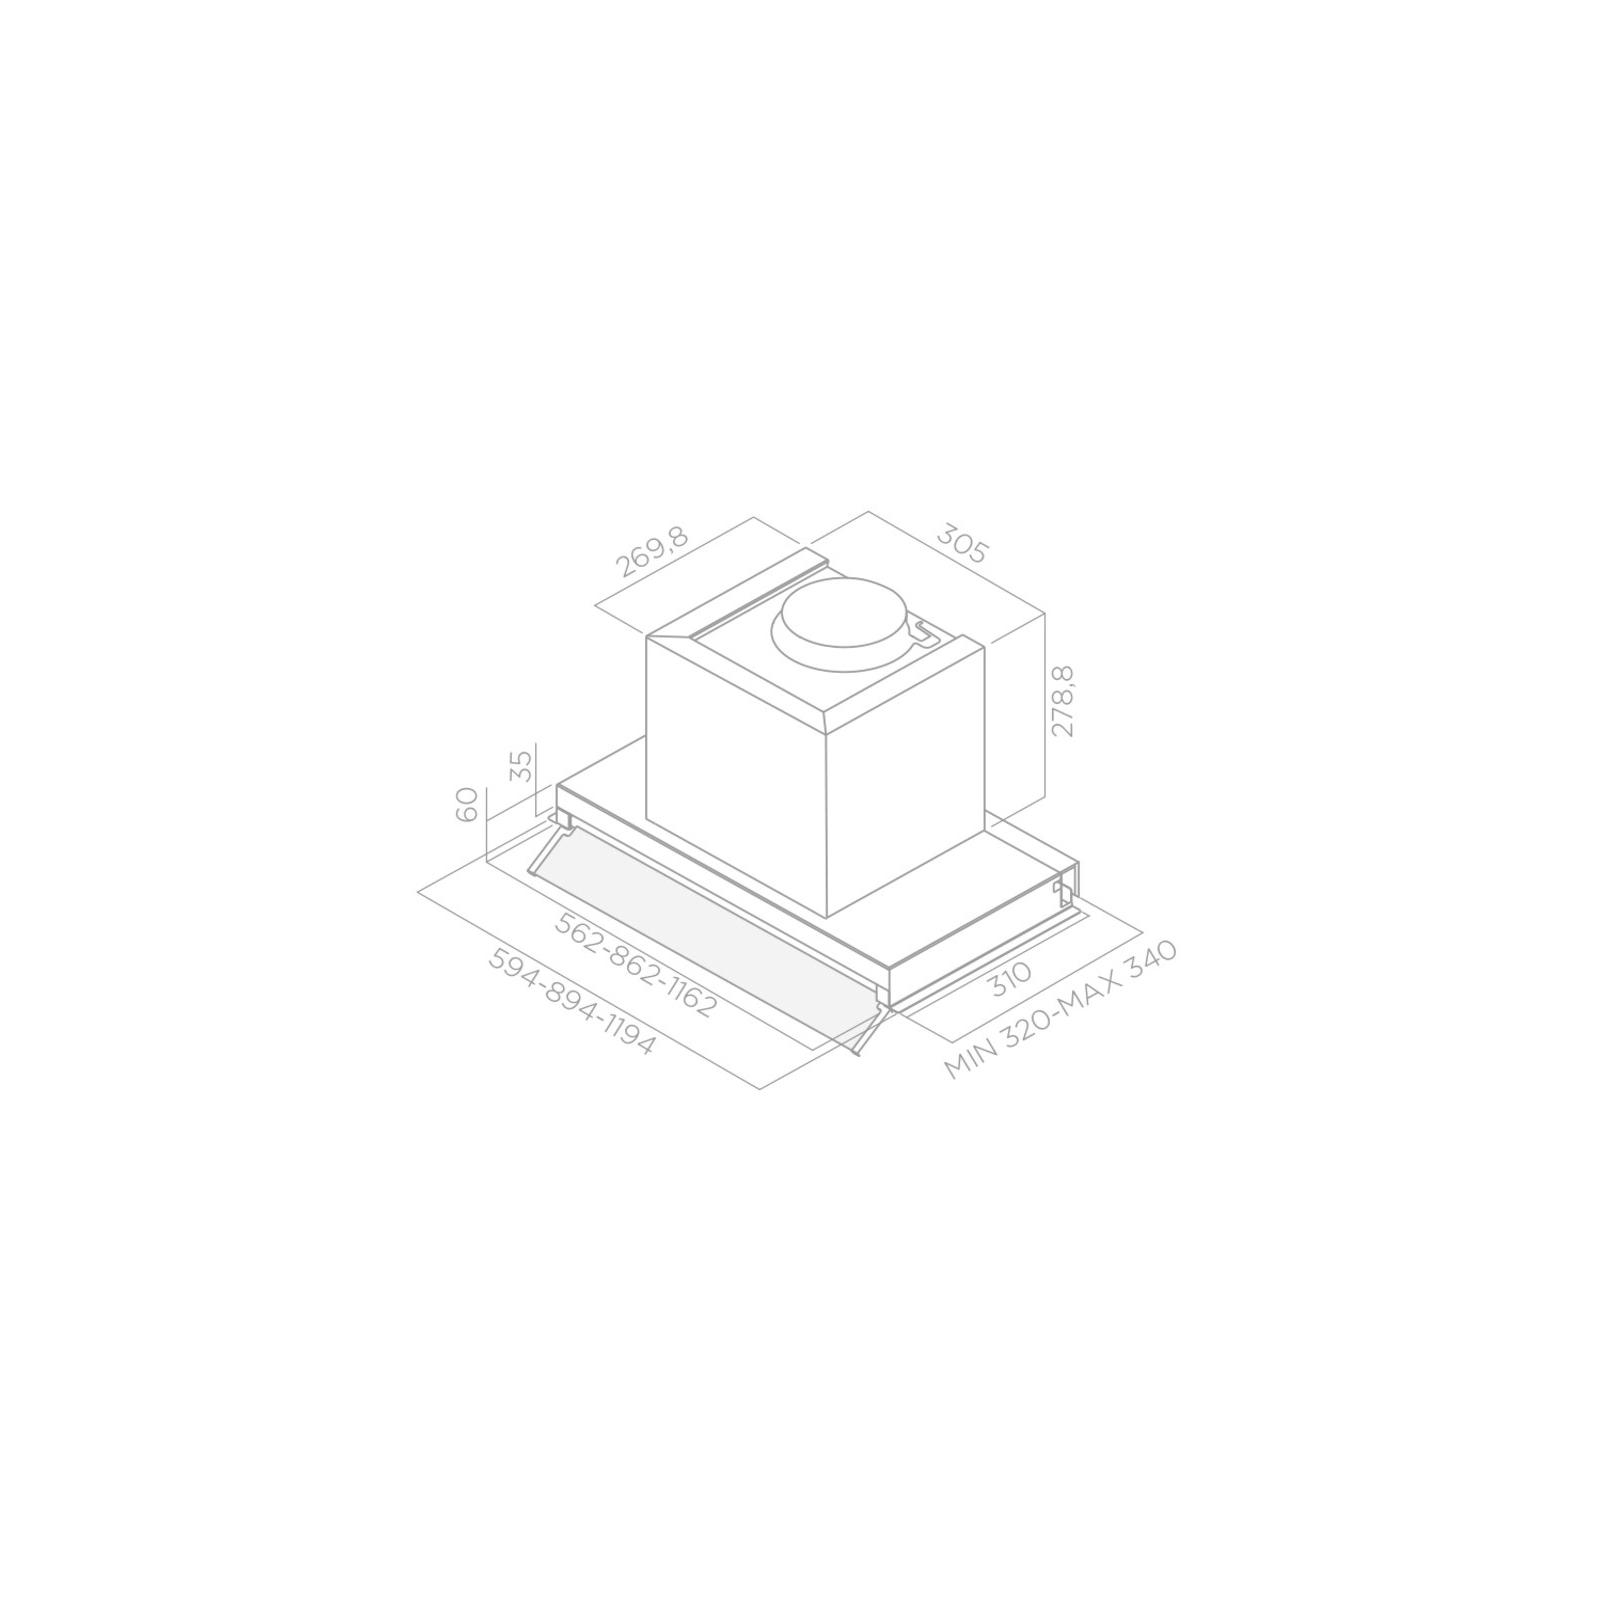 Вытяжка кухонная ELICA BOX IN IX/A/60 изображение 5